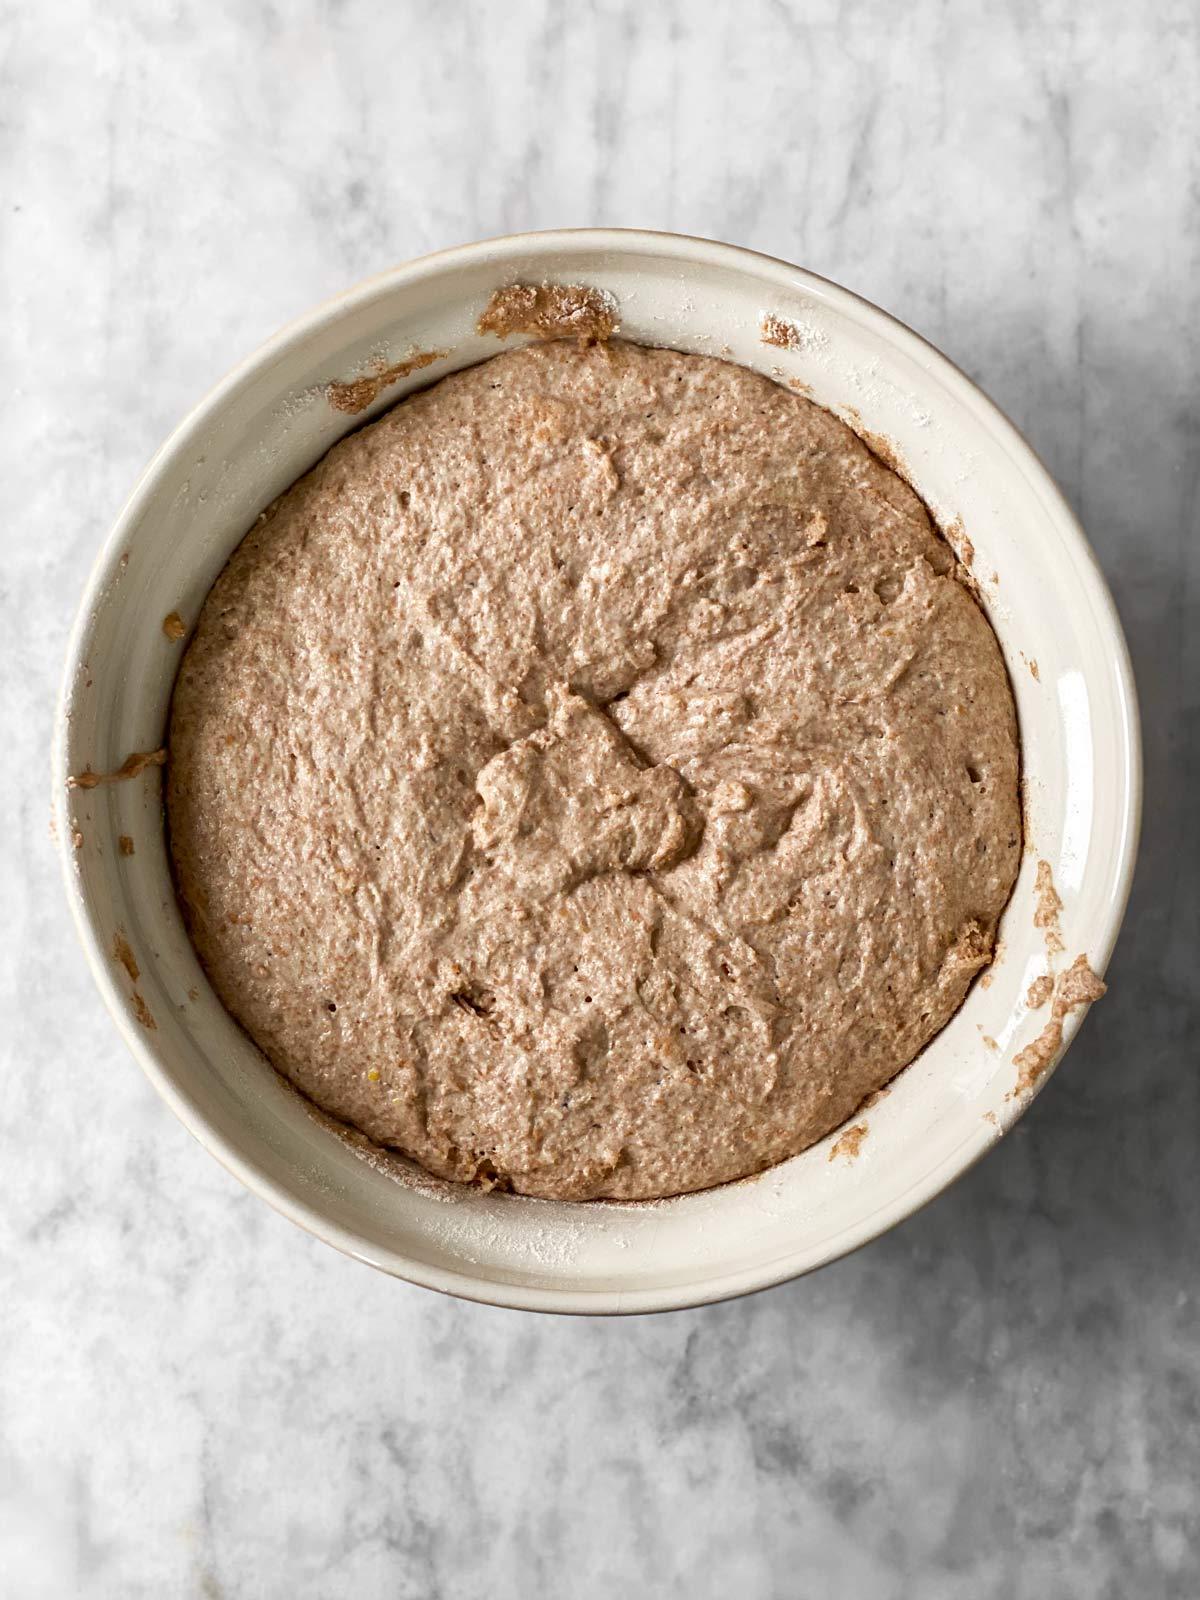 risen whole wheat pizza dough in ceramic bowl